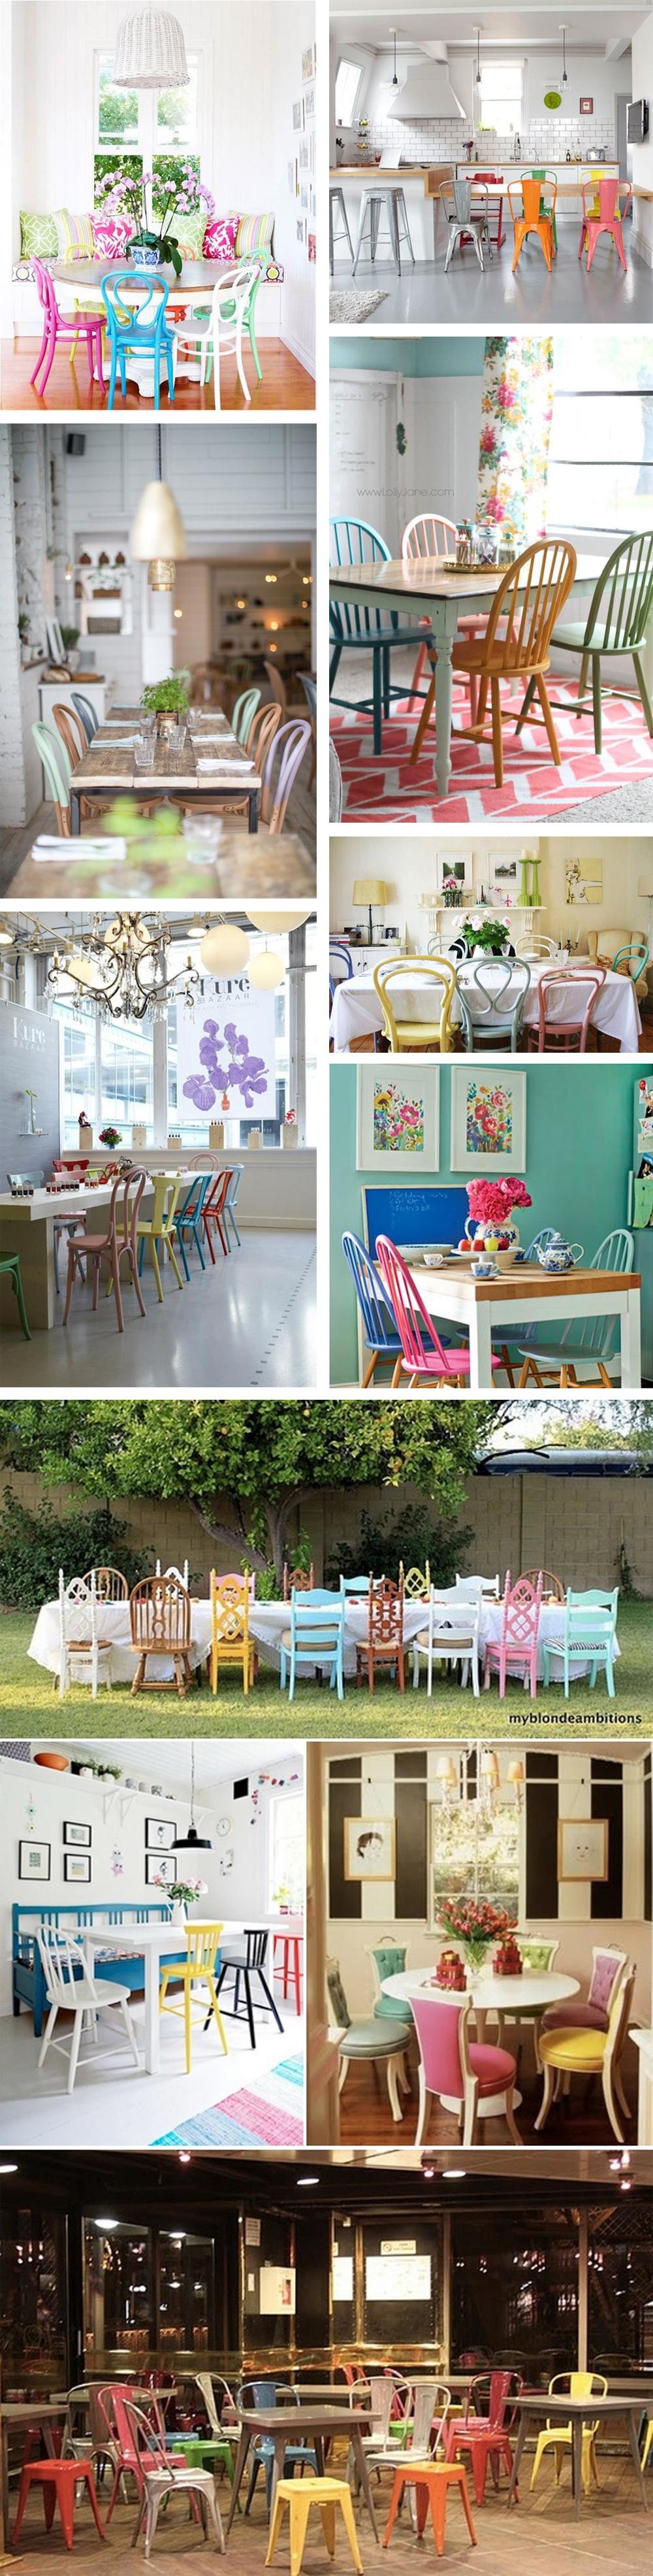 Gekleurde stoelen | Foreverpetite.net